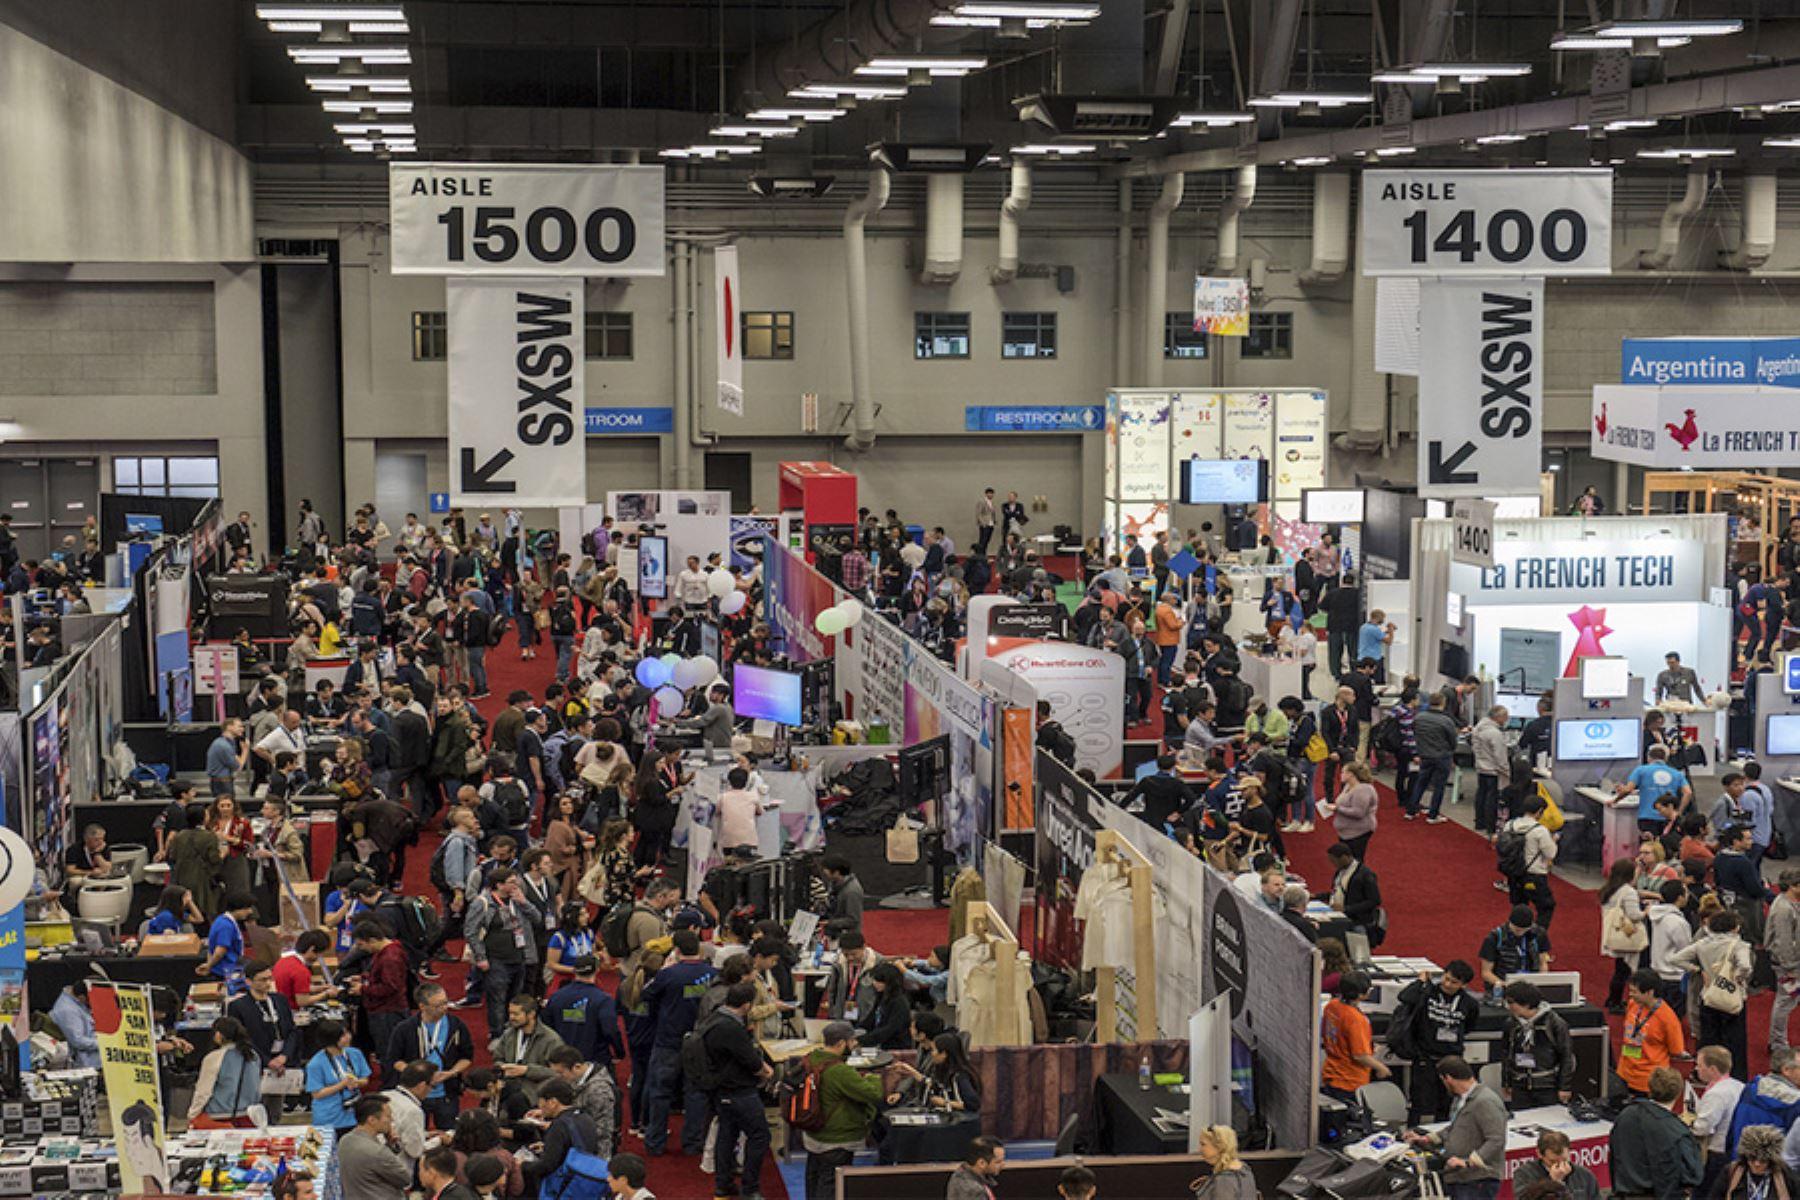 South by Southwest es un evento anual de tecnología, música y cine. Foto: SXSW